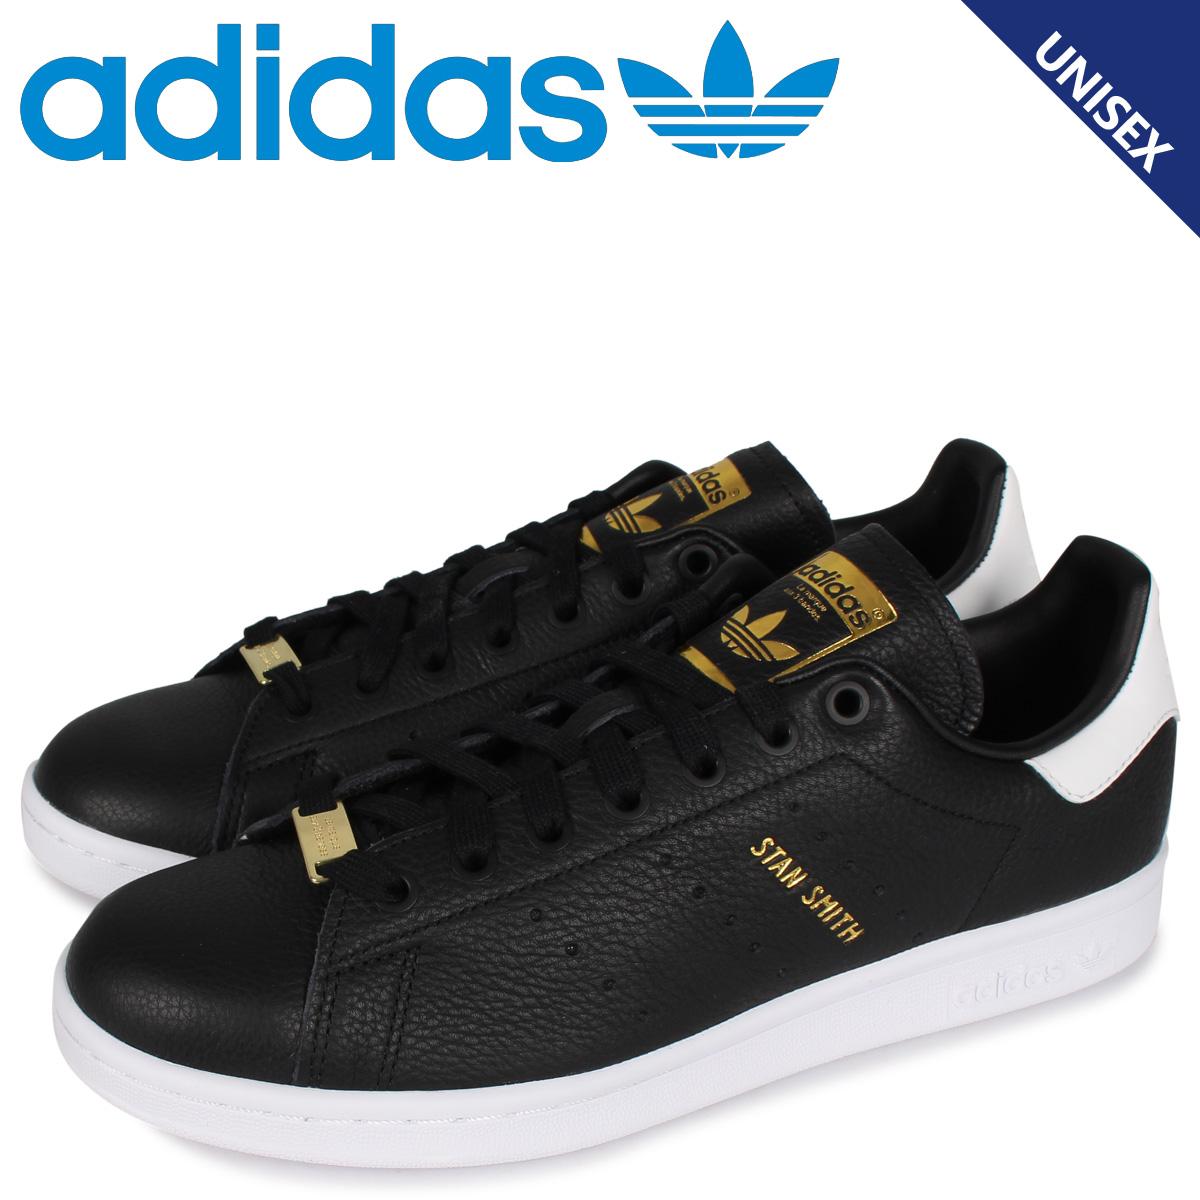 adidas Originals アディダス オリジナルス スタンスミス スニーカー メンズ レディース STAN SMITH ブラック 黒 EH1476